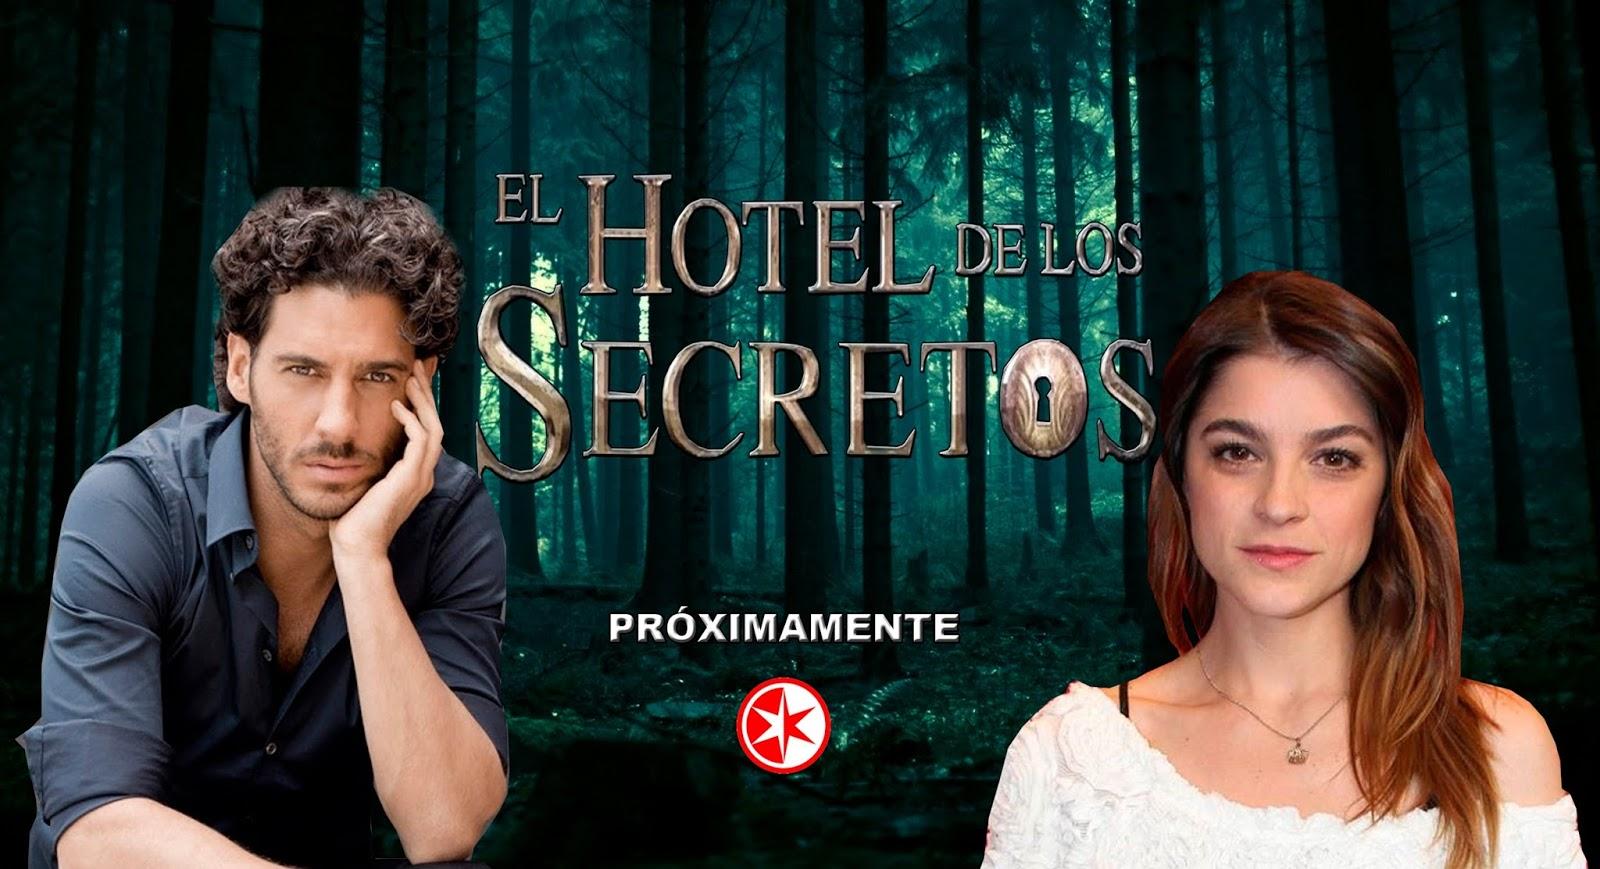 El hotel de los secretos capitulo 37 Jueves 17 de Marzo del 2016